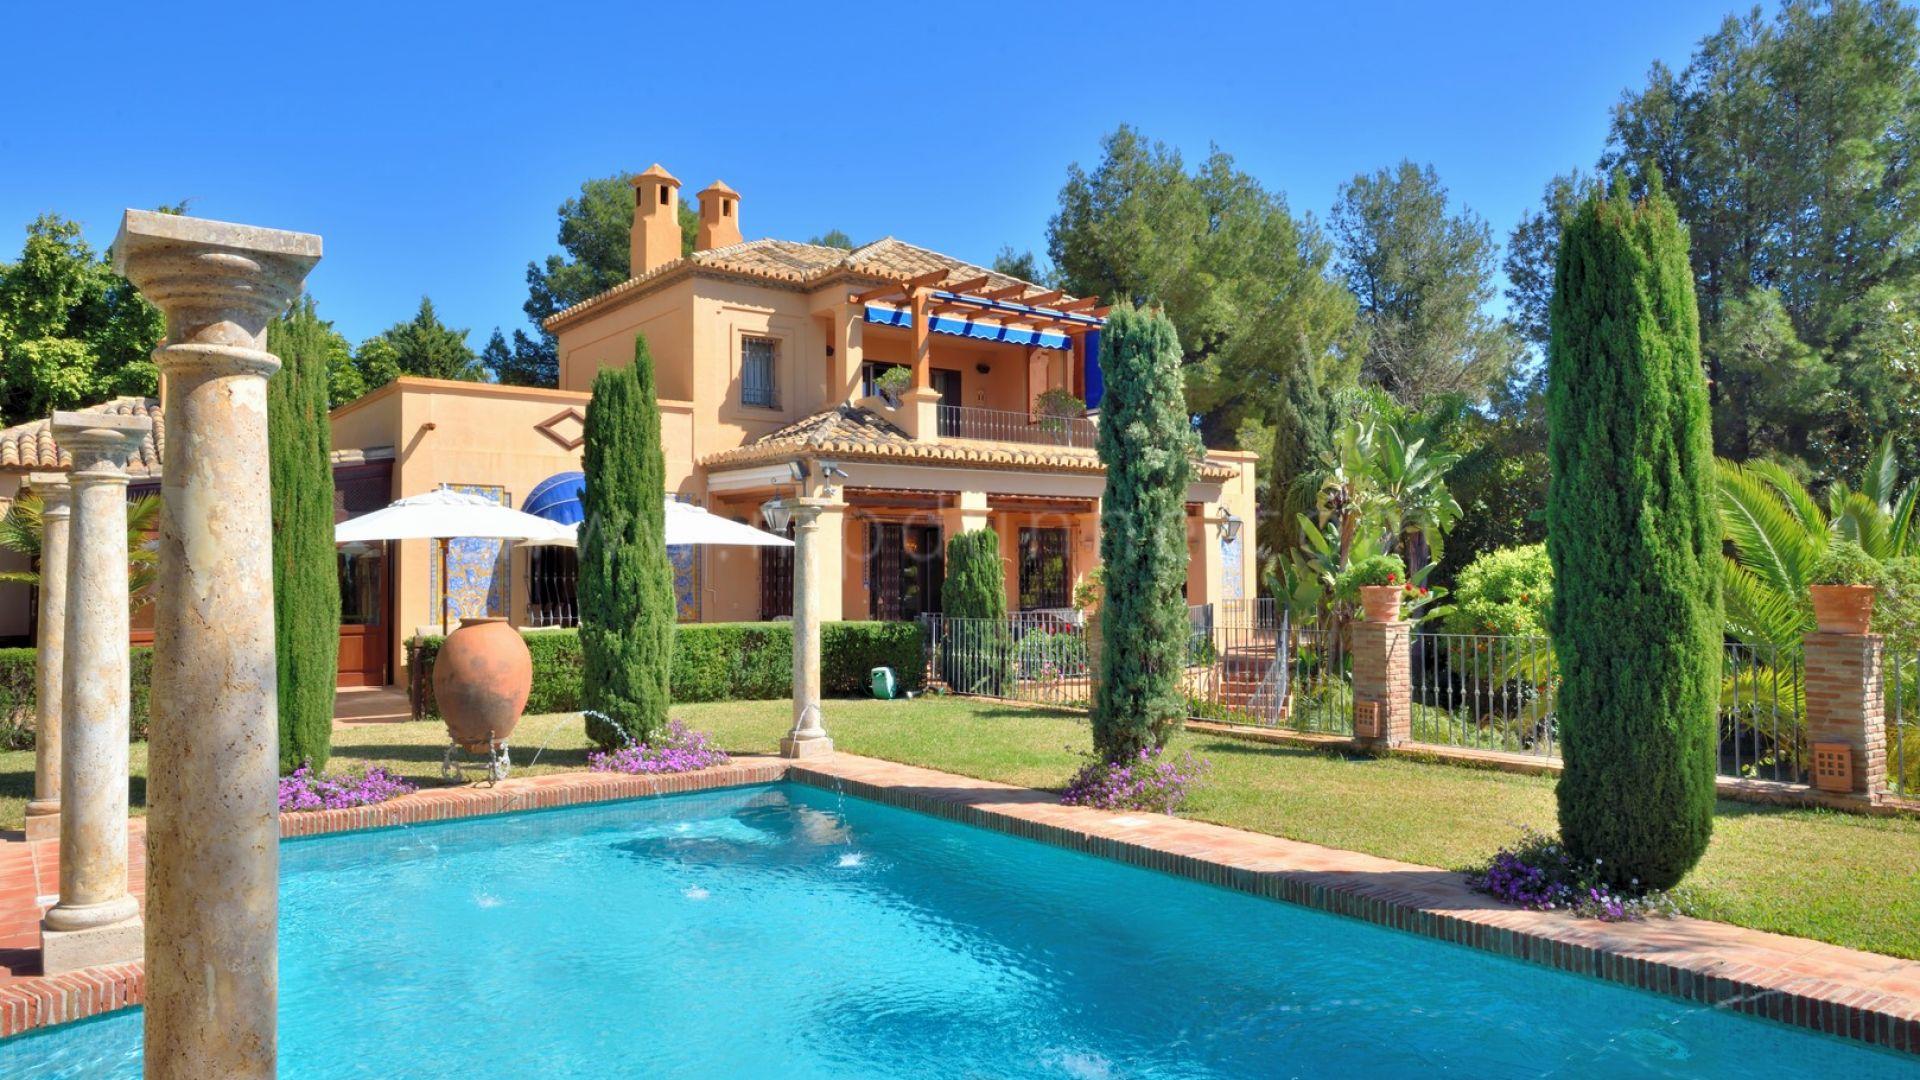 Immobilien zum Verkauf in Sierra Blanca, Marbella Goldene Meile